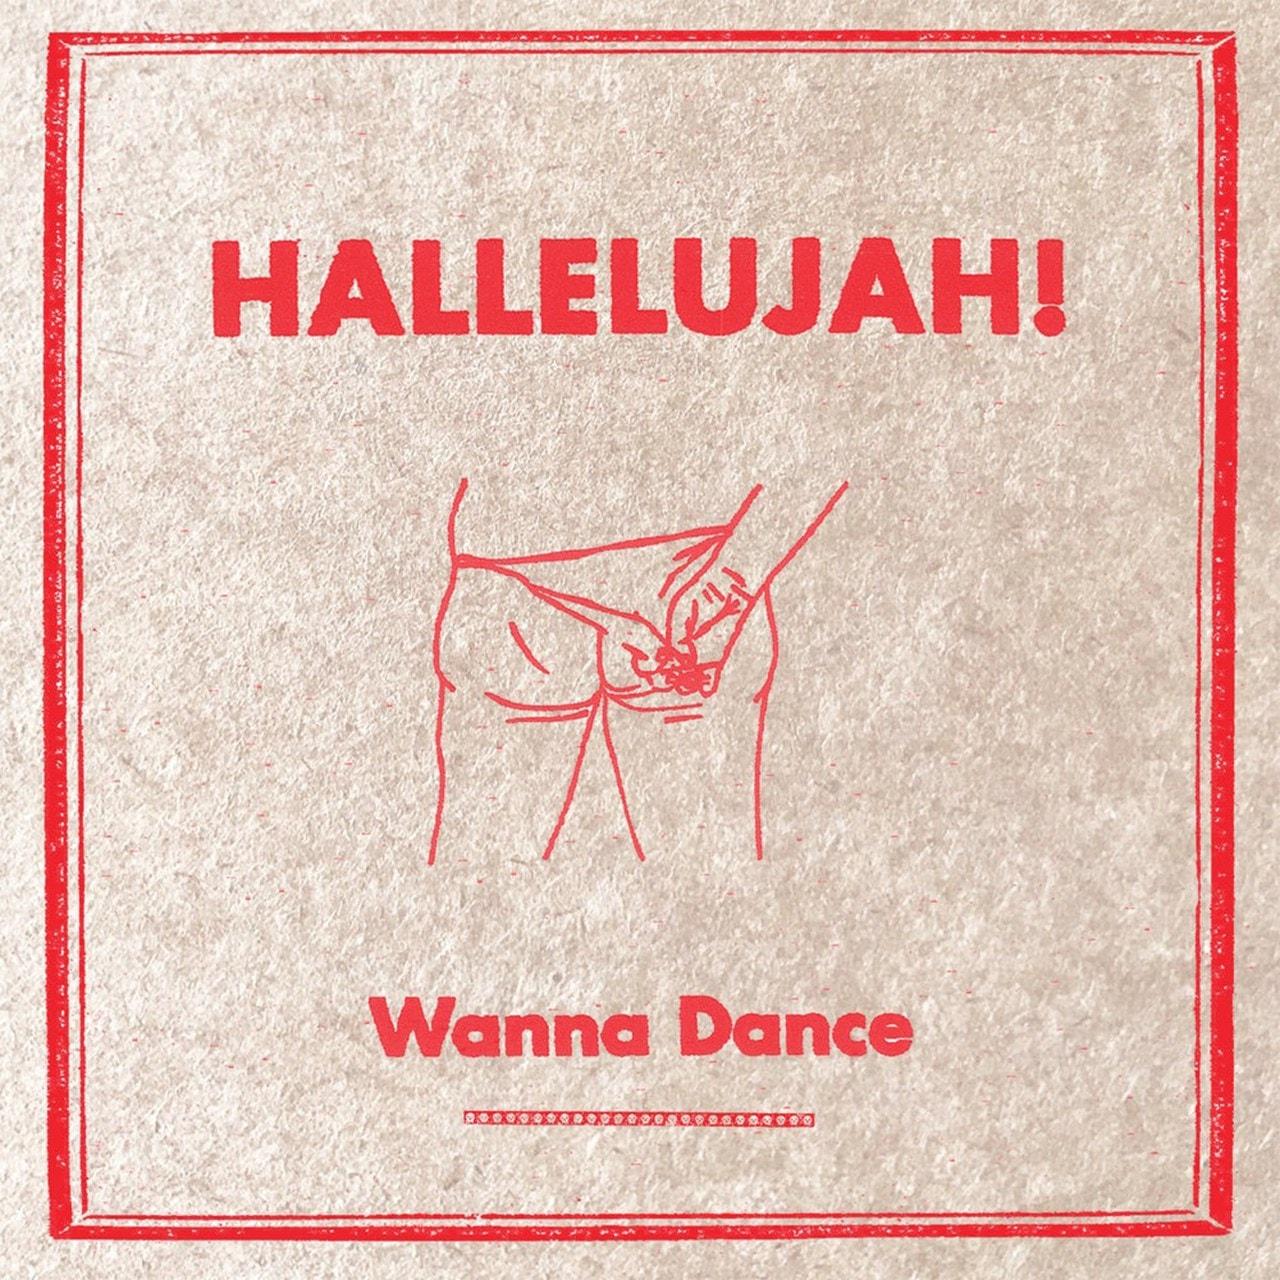 Wanna Dance - 1